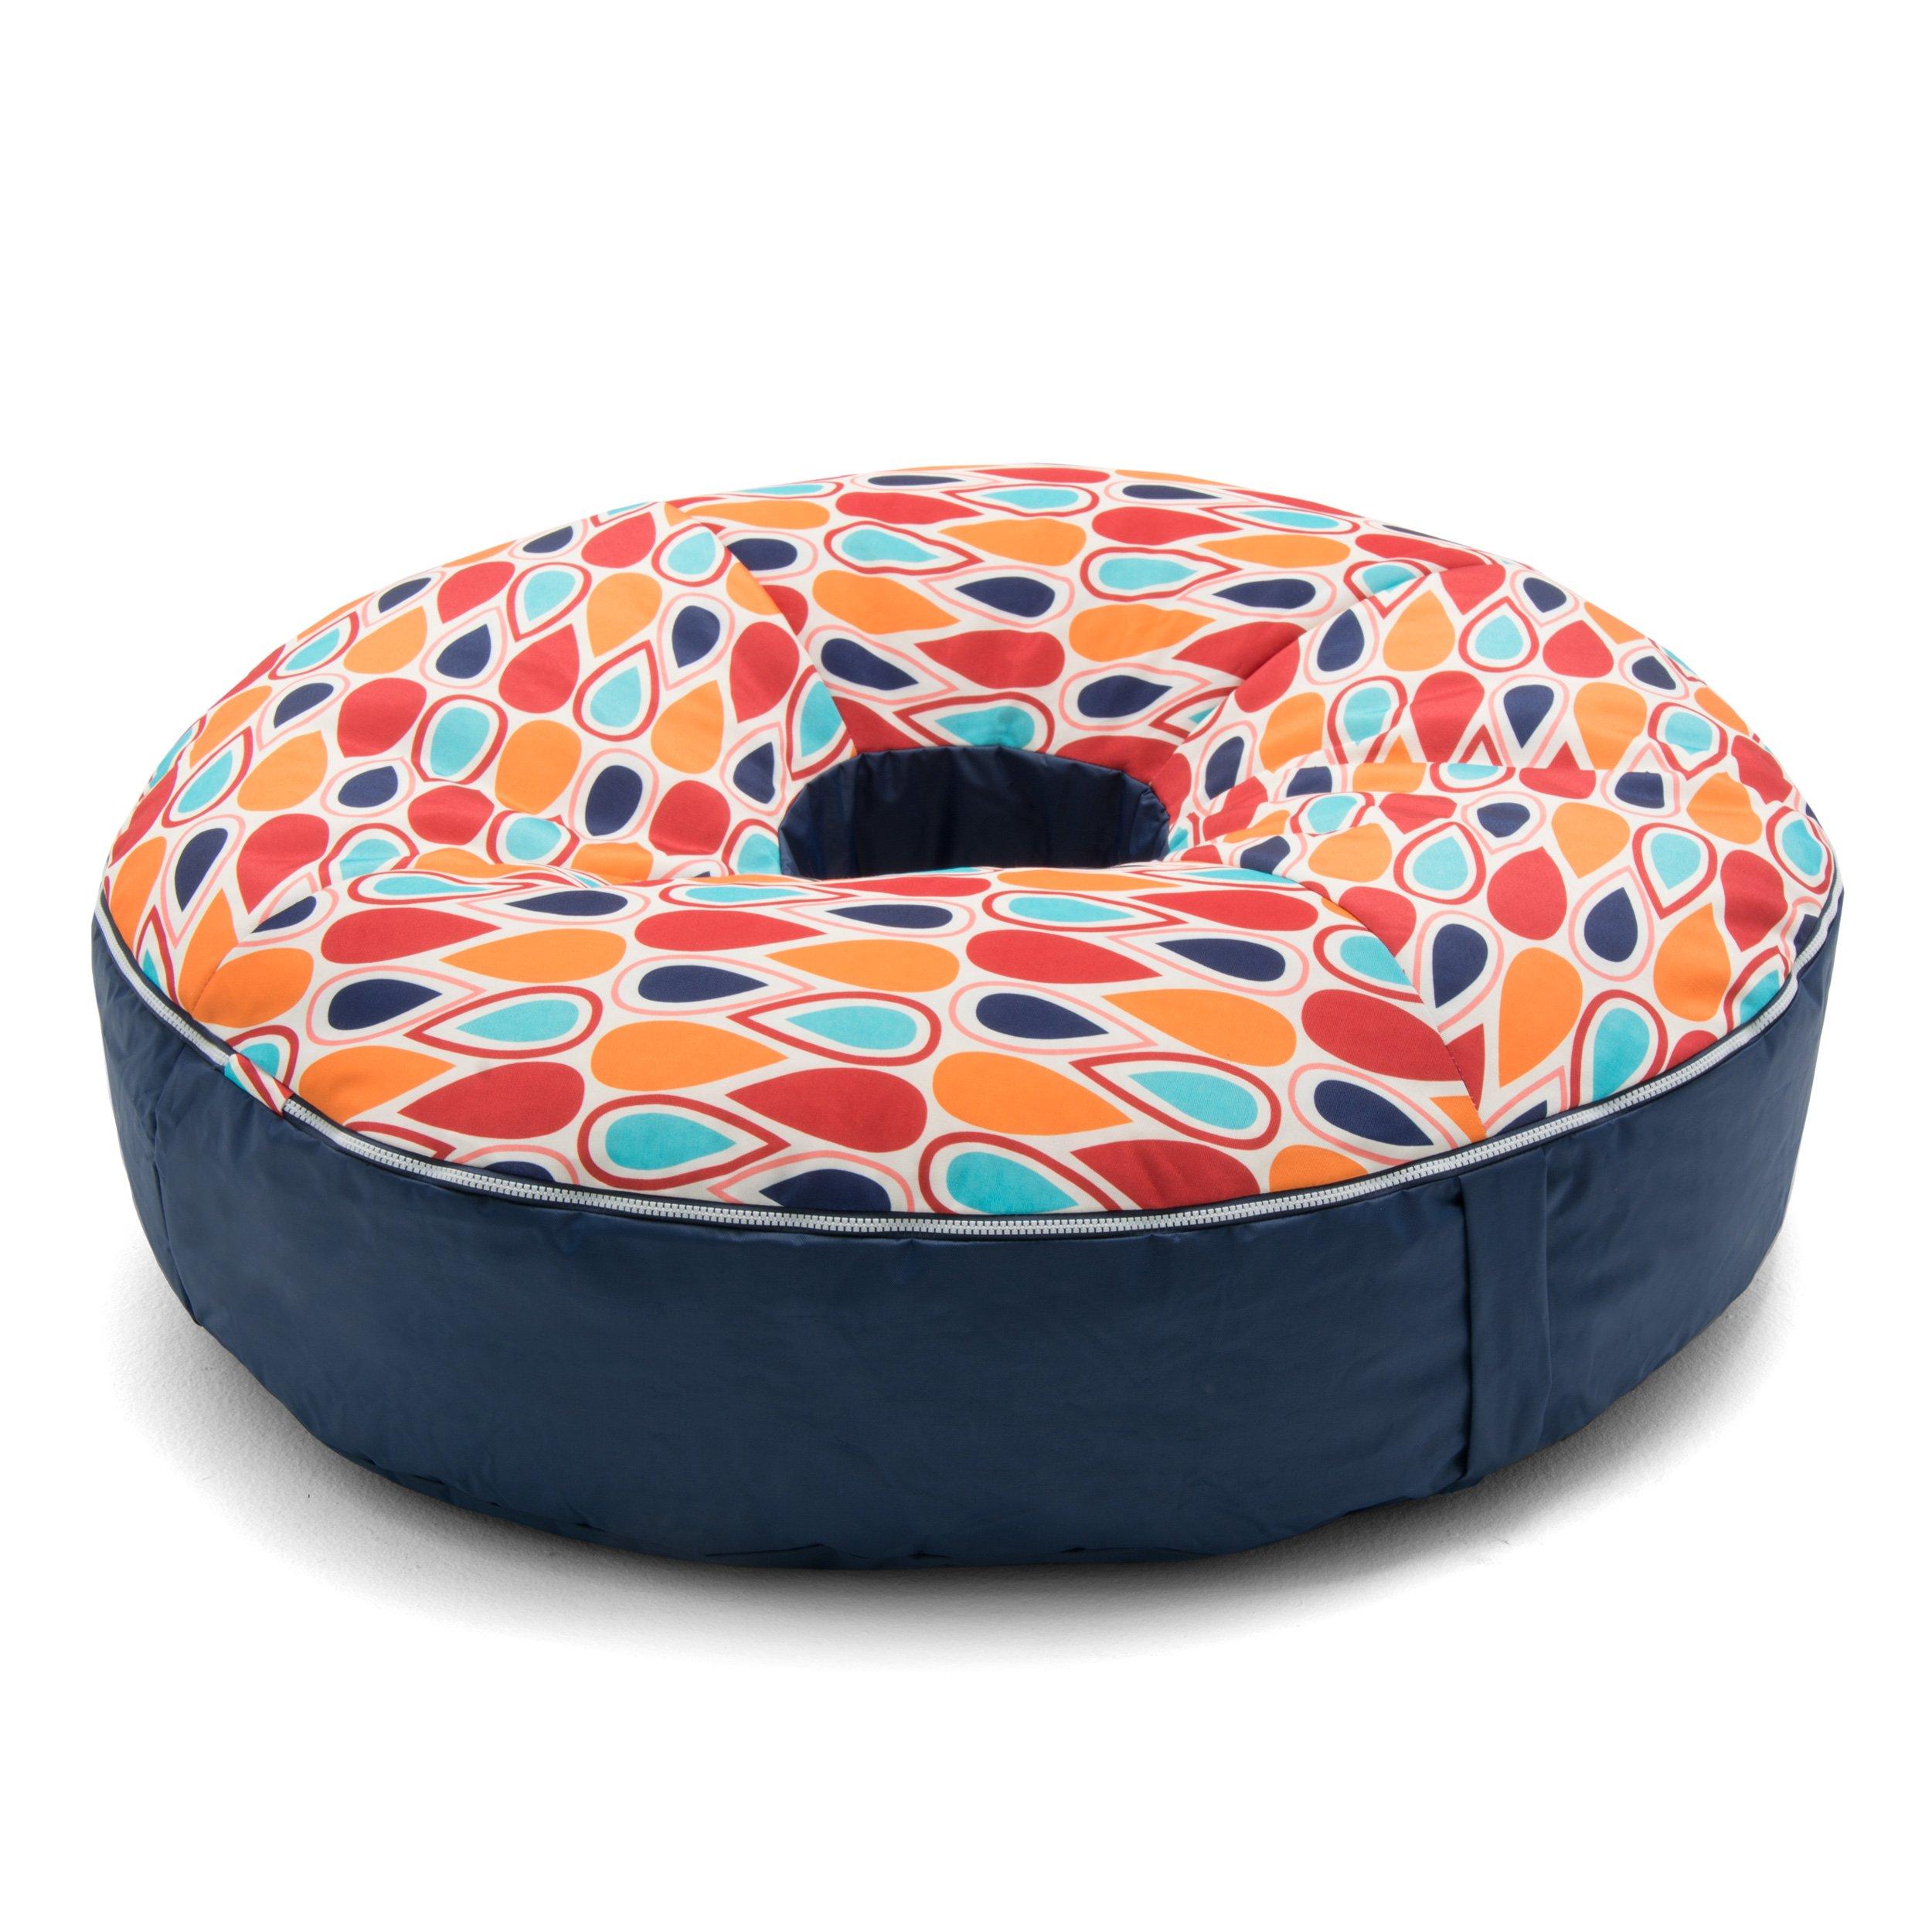 Big Joe Joenut Float Fiesta Geo Drop Bean Bag, Multicolor